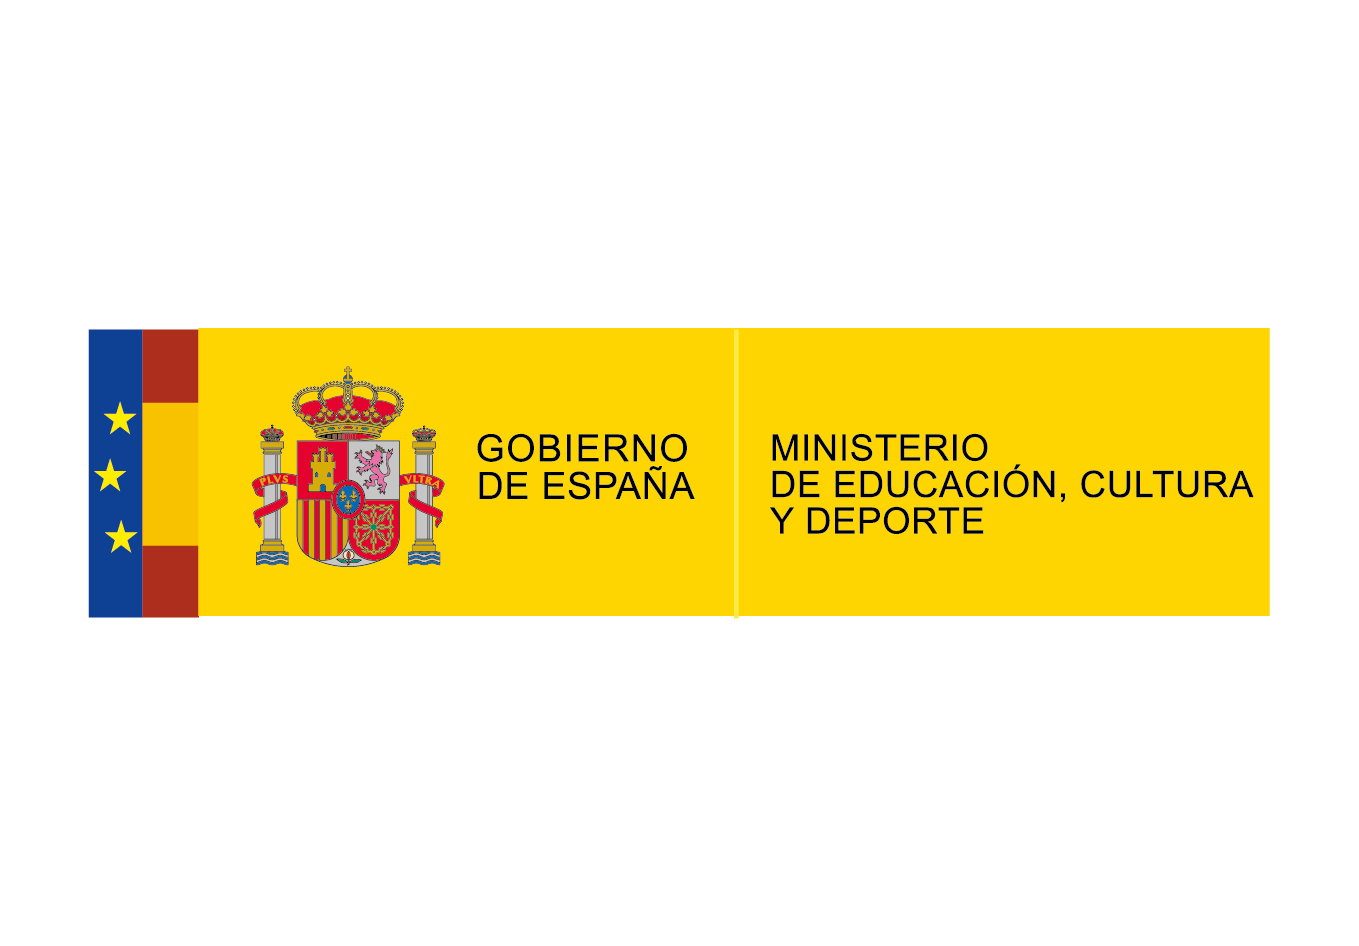 Ministerio de Educacion, Cultura y Deporte